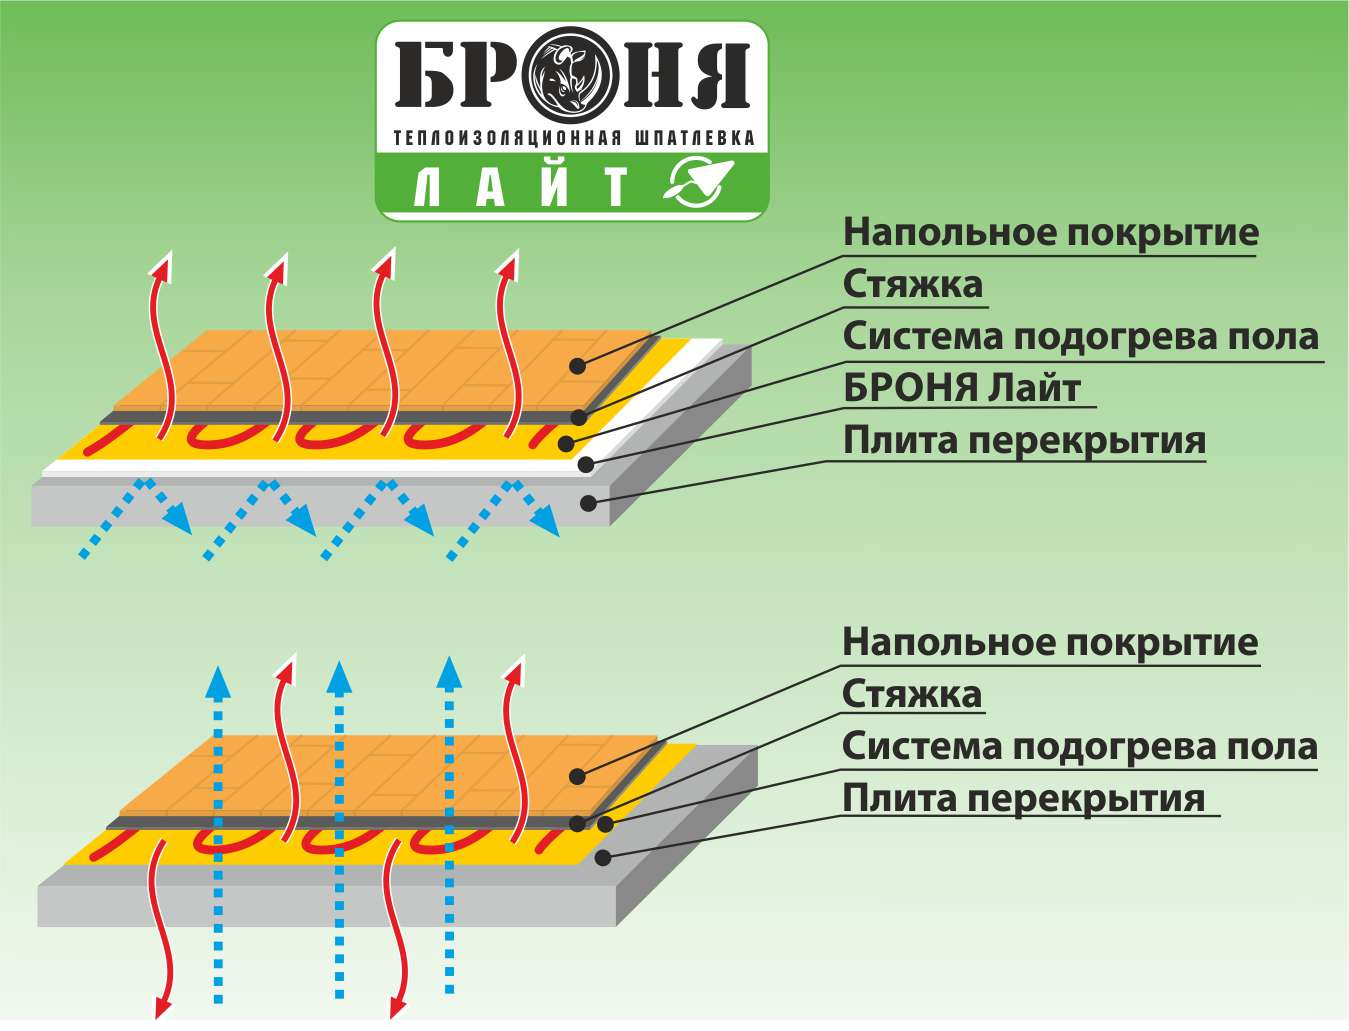 Сверхтонкая теплоизоляция, нанесение жидкой теплоизоляционной краски своими руками